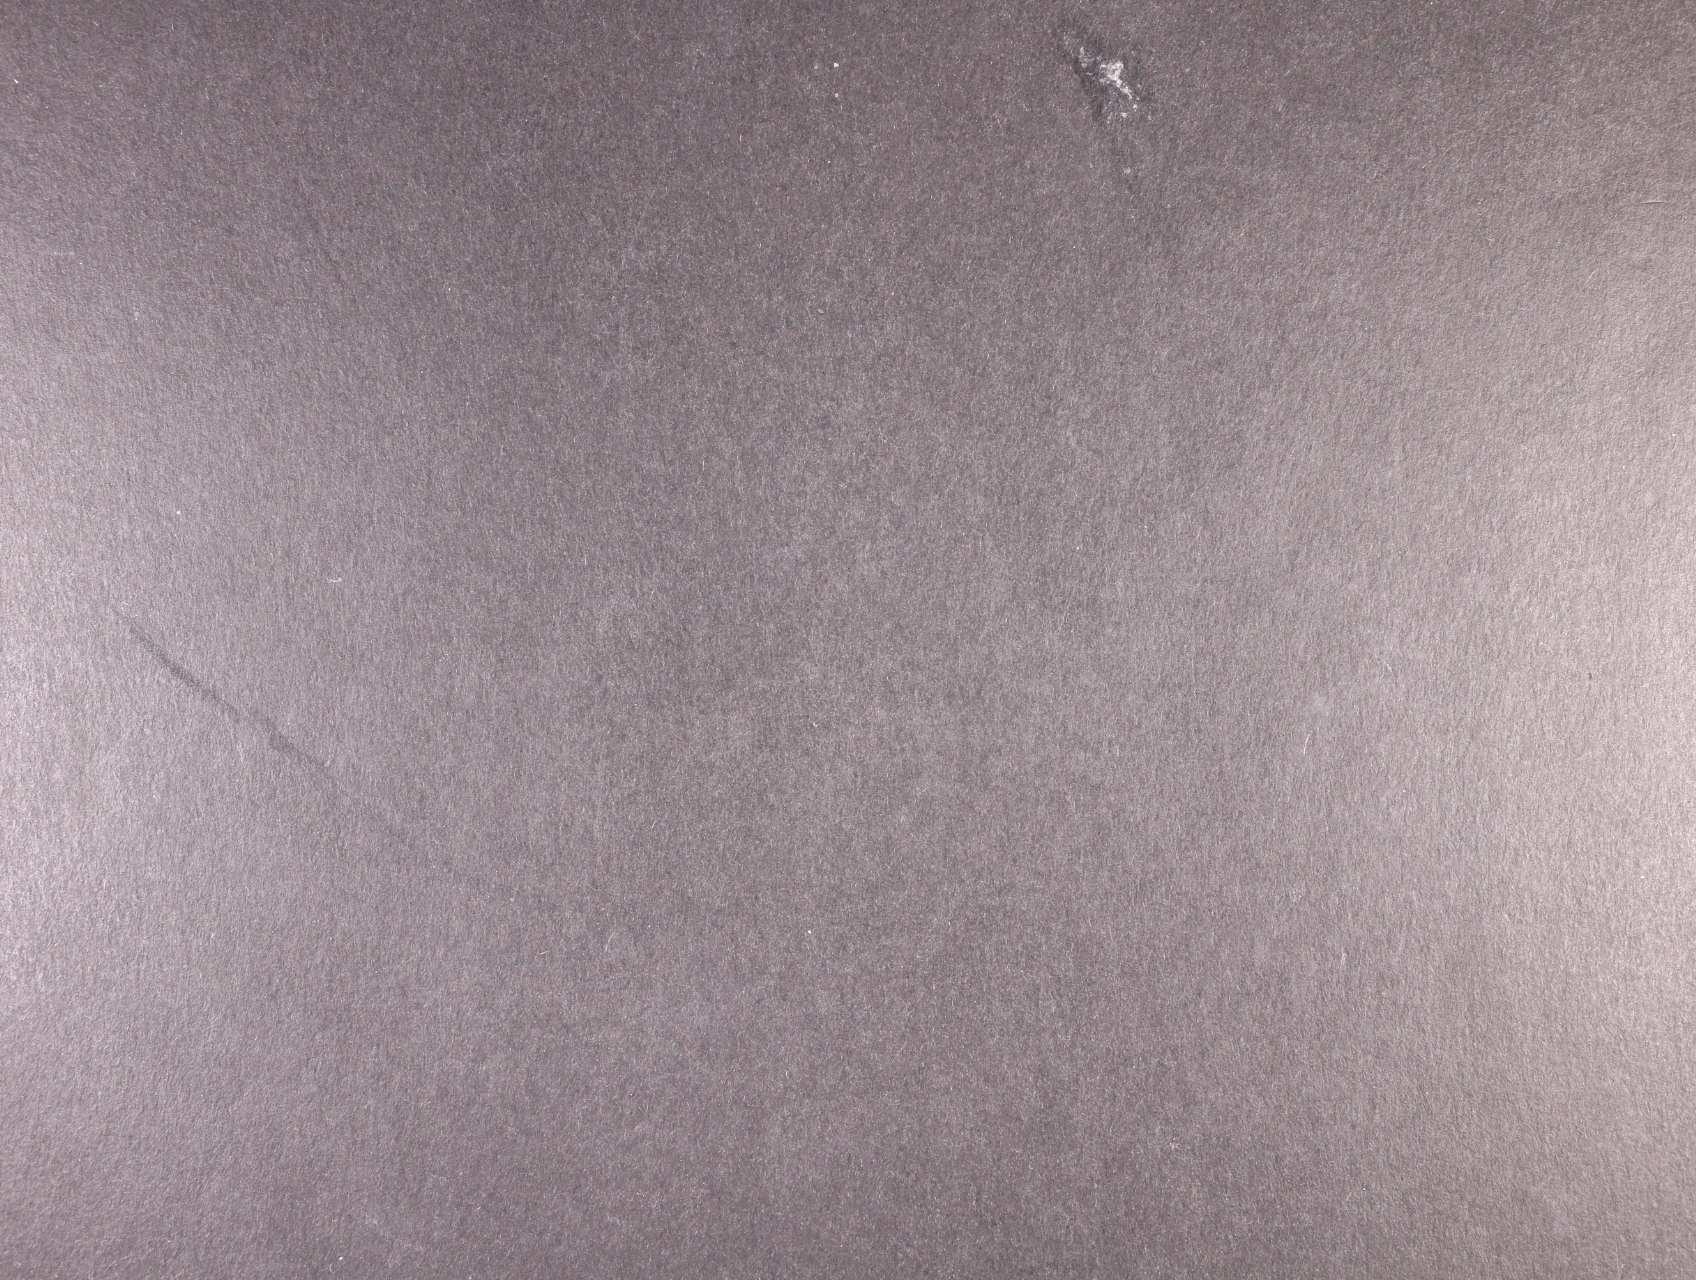 Francie - menší nekompl. sbírka zn. z let 1853 - 1970, obsahuje mj. zn. Mi. č. 32 razítkovaná, 136, 144 - 51, 211 - 14, 359 - 60 s nálepkou, 553 - 6 svěží zn. z aršíku ve čtyřbloku, cca 4500 EUR, uloženo v 16ti listovém modrém zásobníku A4